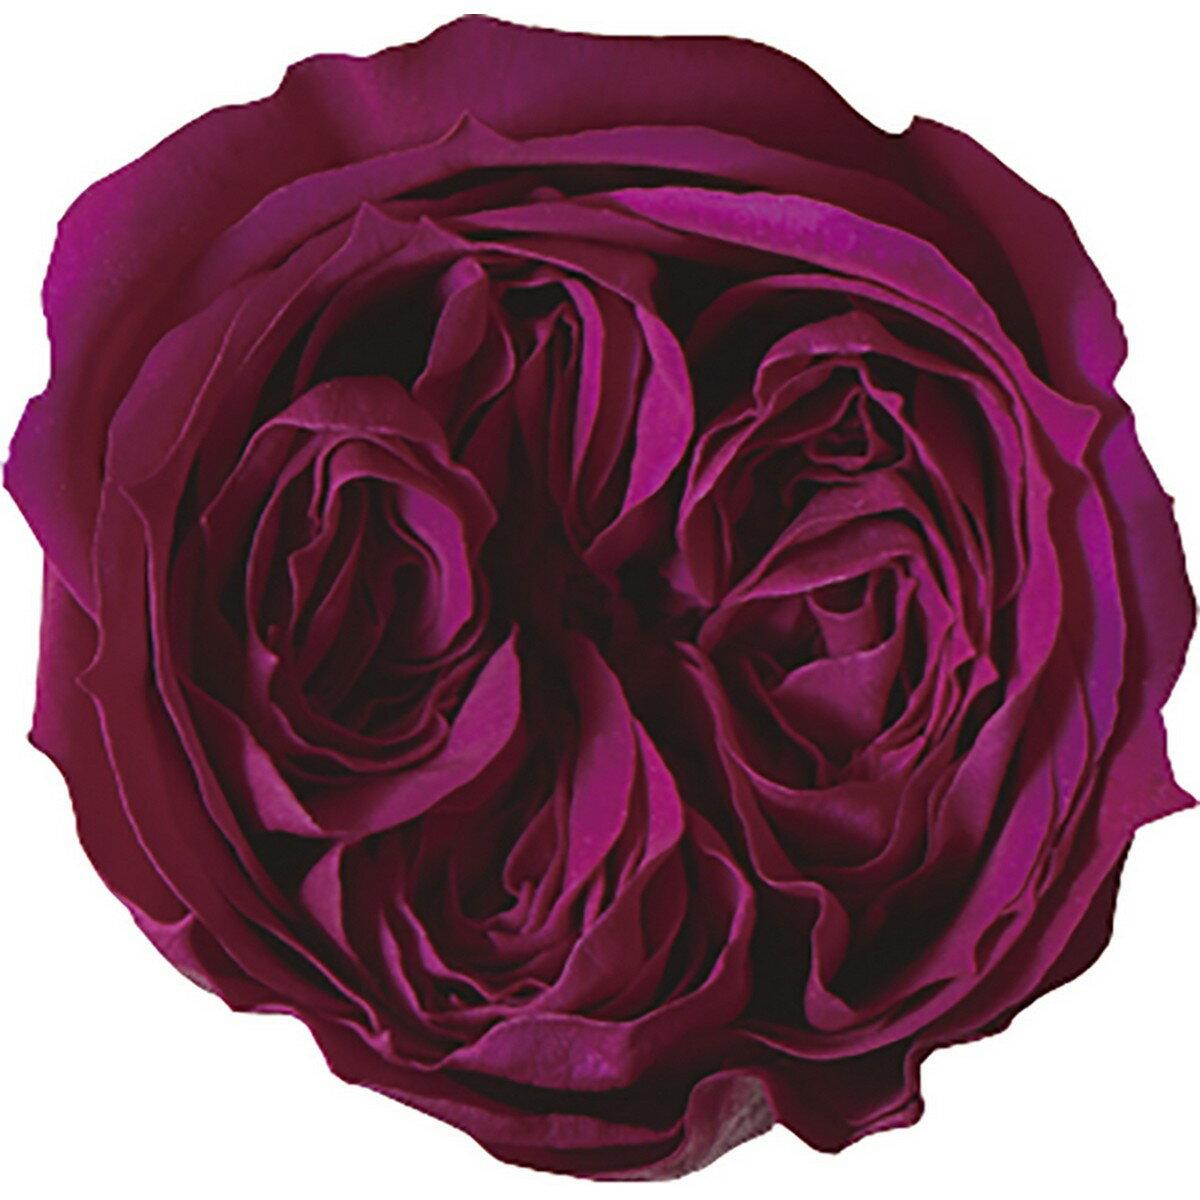 【プリザーブド】アモローサ/リンダ 1輪 リッチプラム/1108-52【01】【01】【取寄】《 プリザーブドフラワー プリザーブドフラワー花材 バラ(ローズ) 》